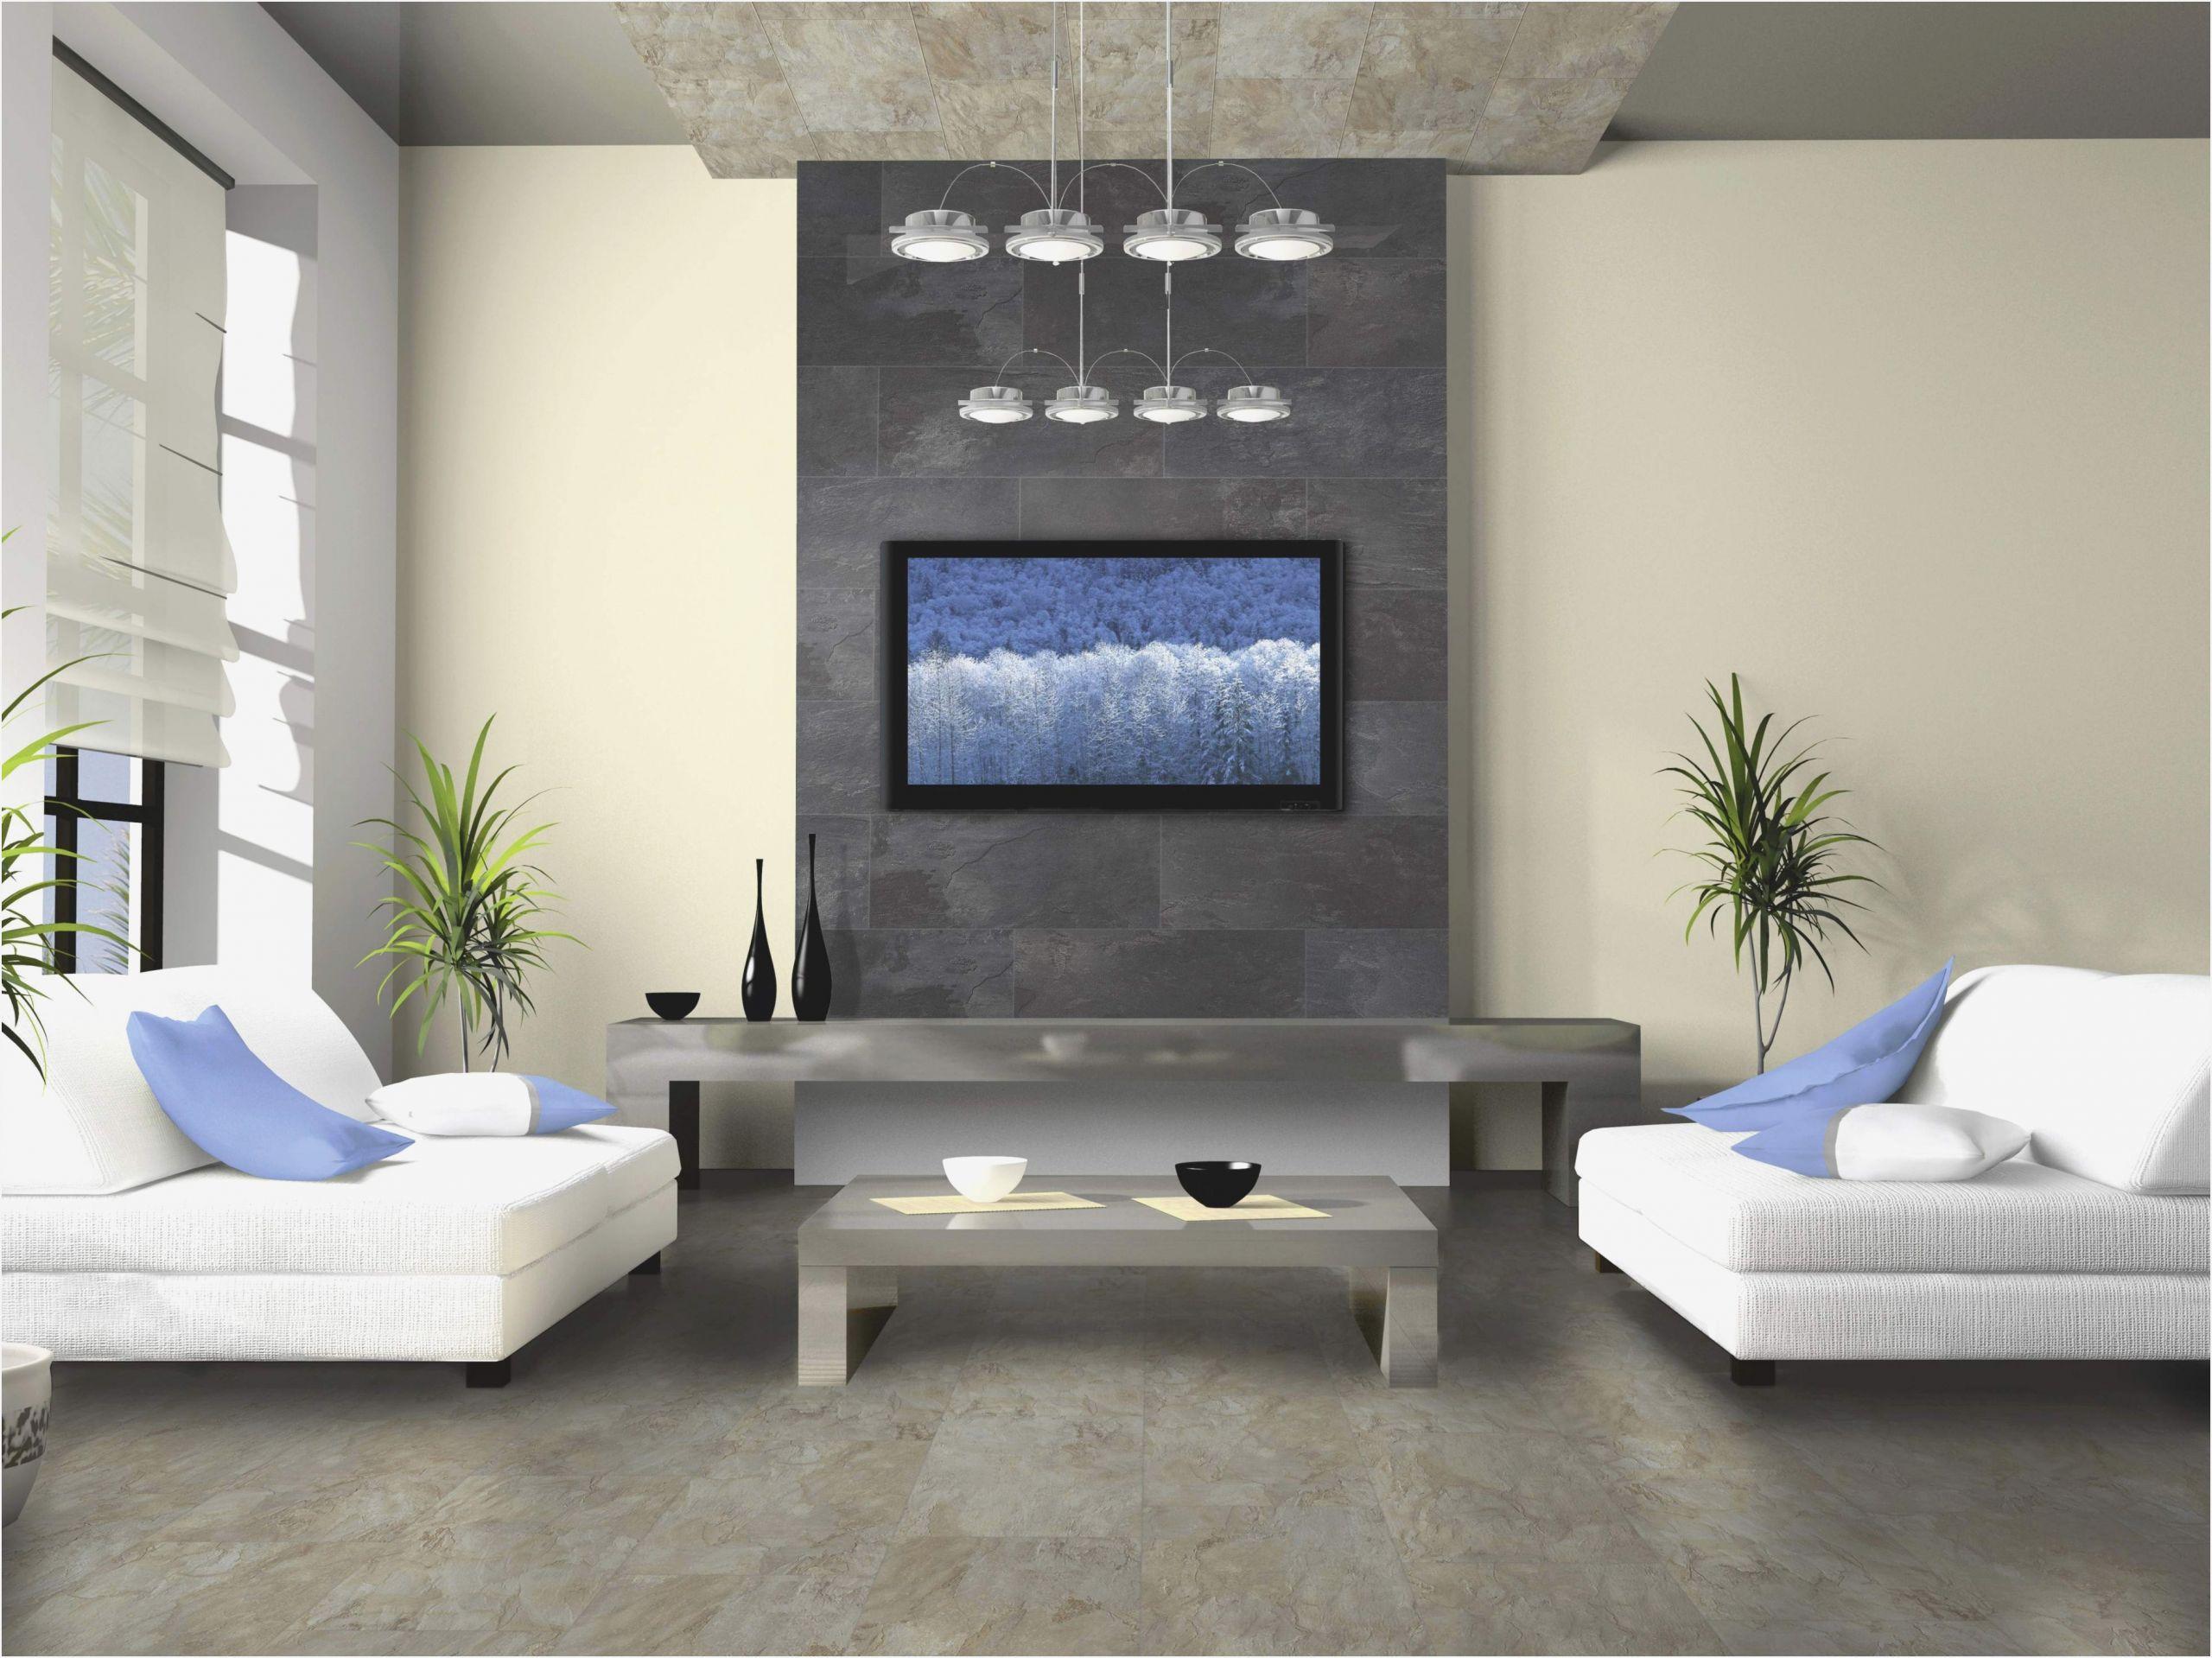 betonwand wohnzimmer selber machen scaled